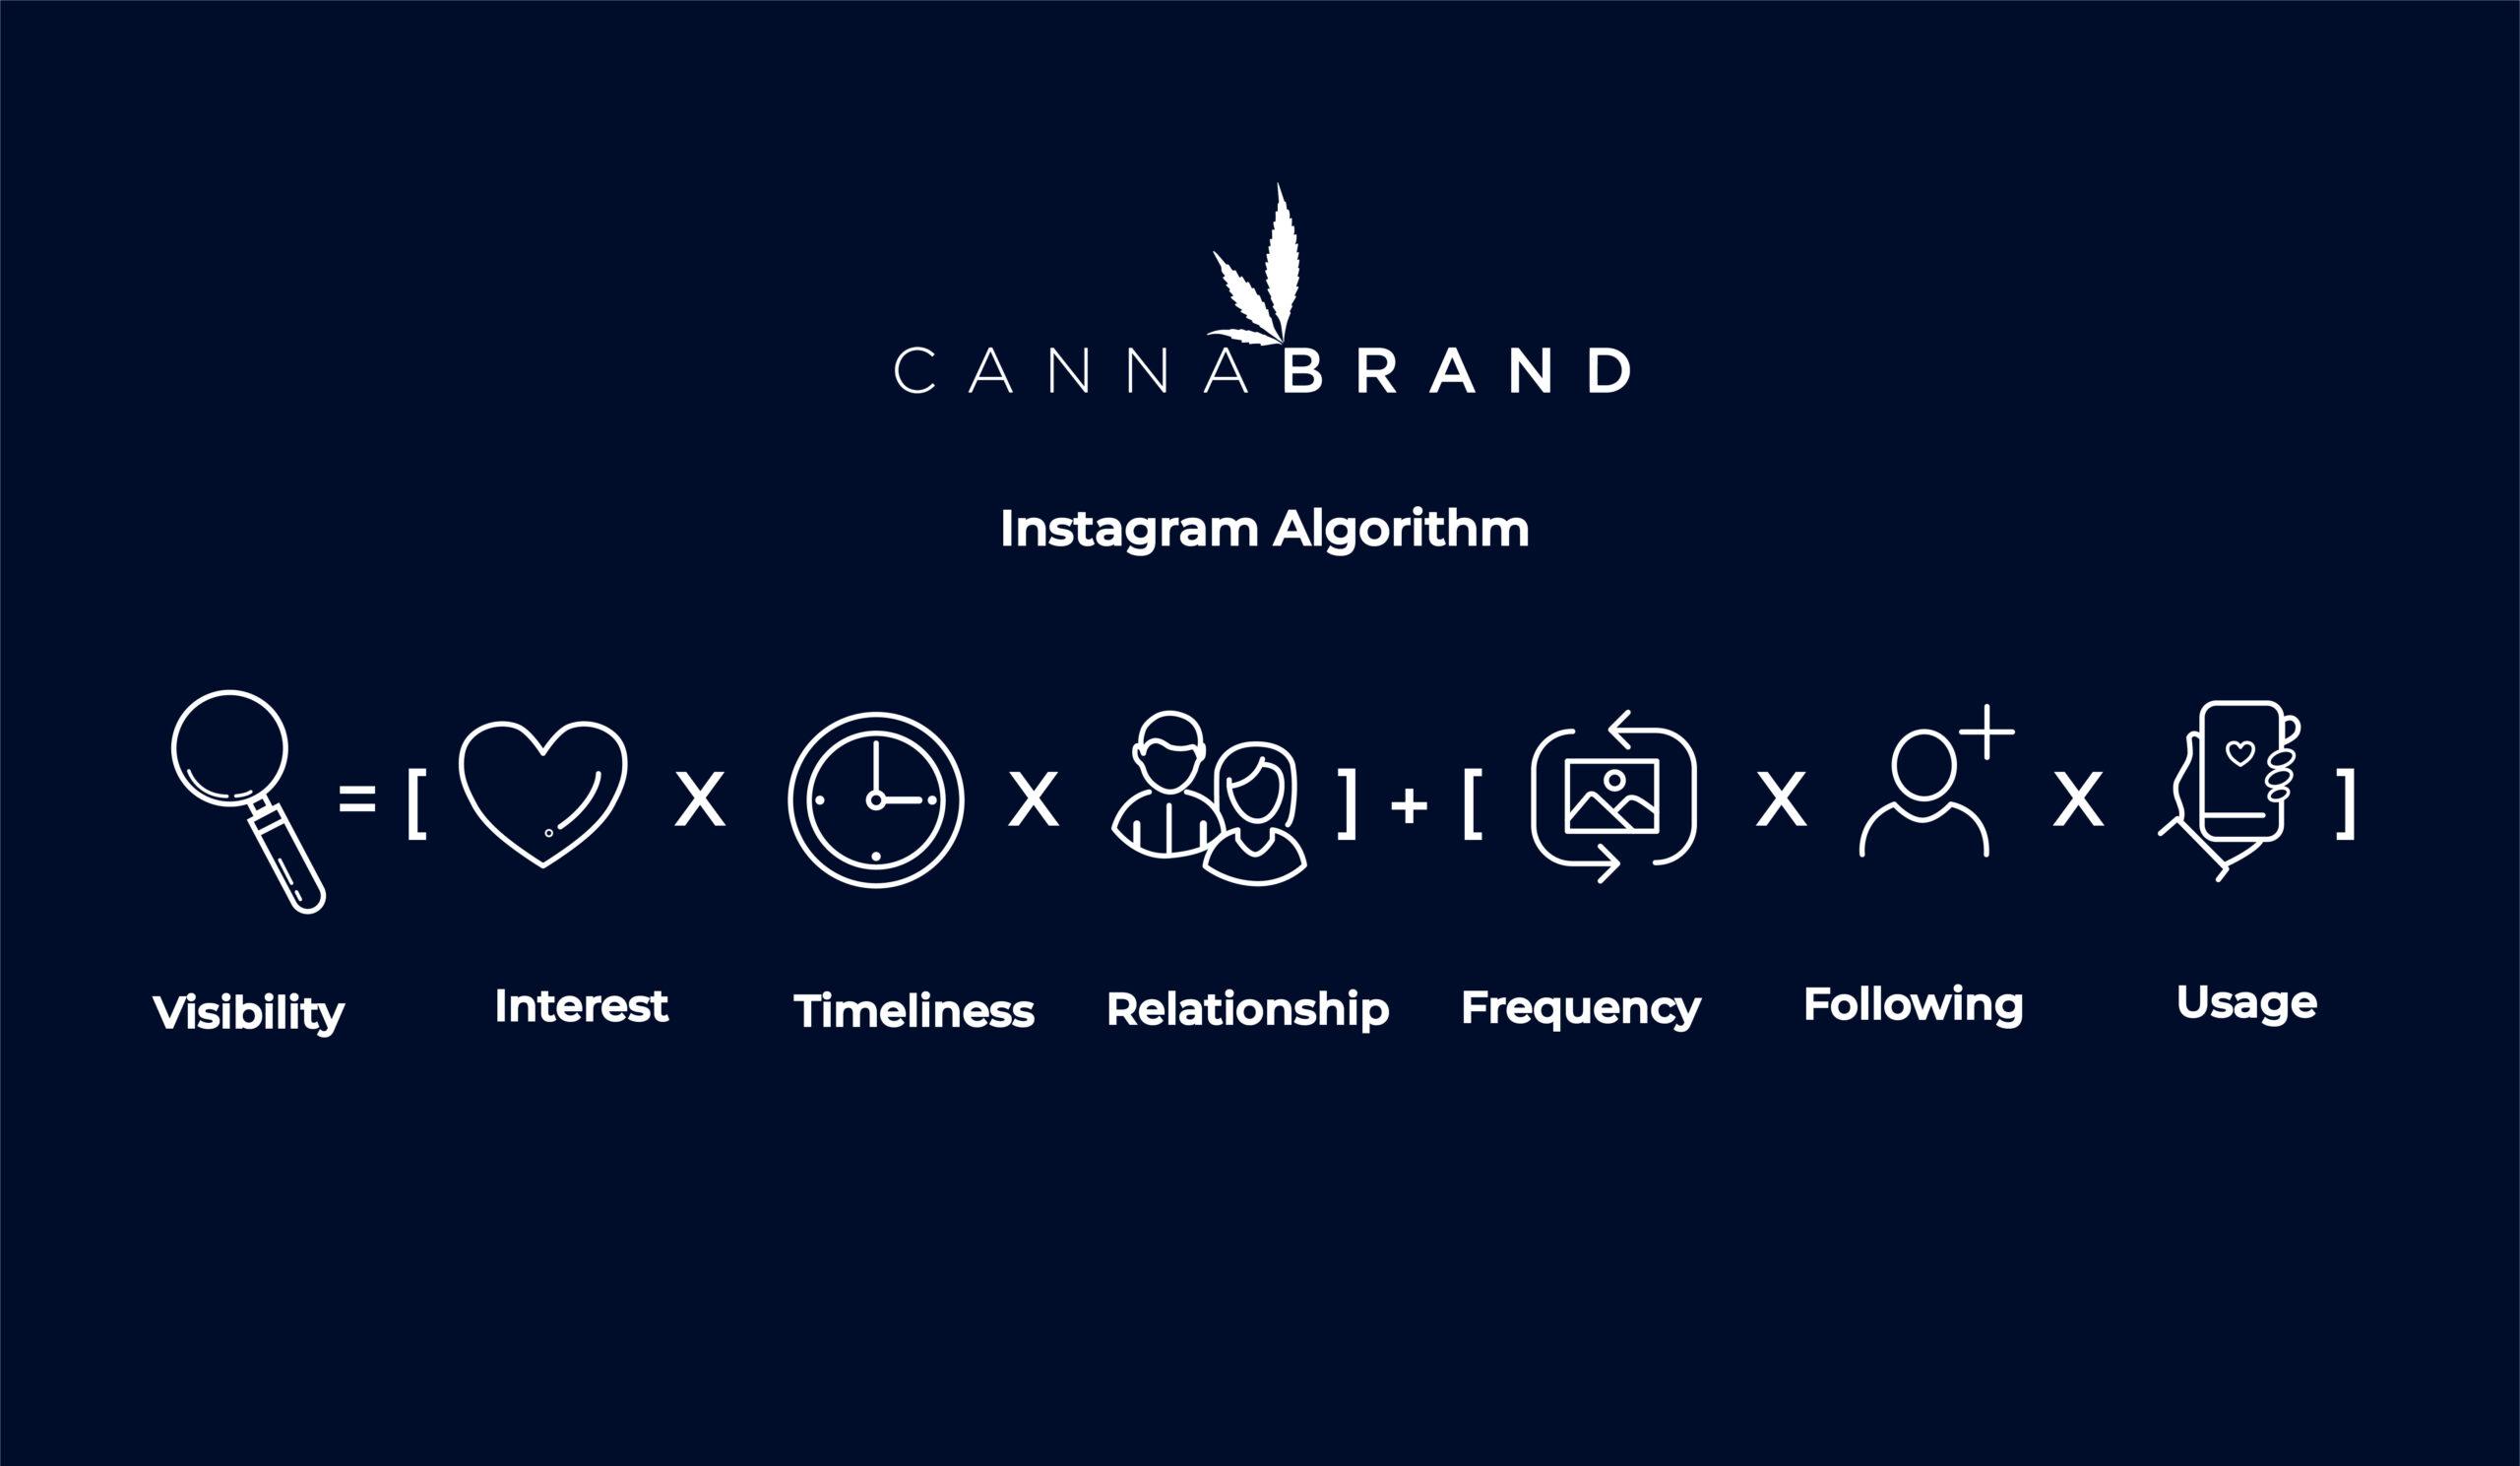 Instagram's Algorithm: 6 Key Factors of Visibility